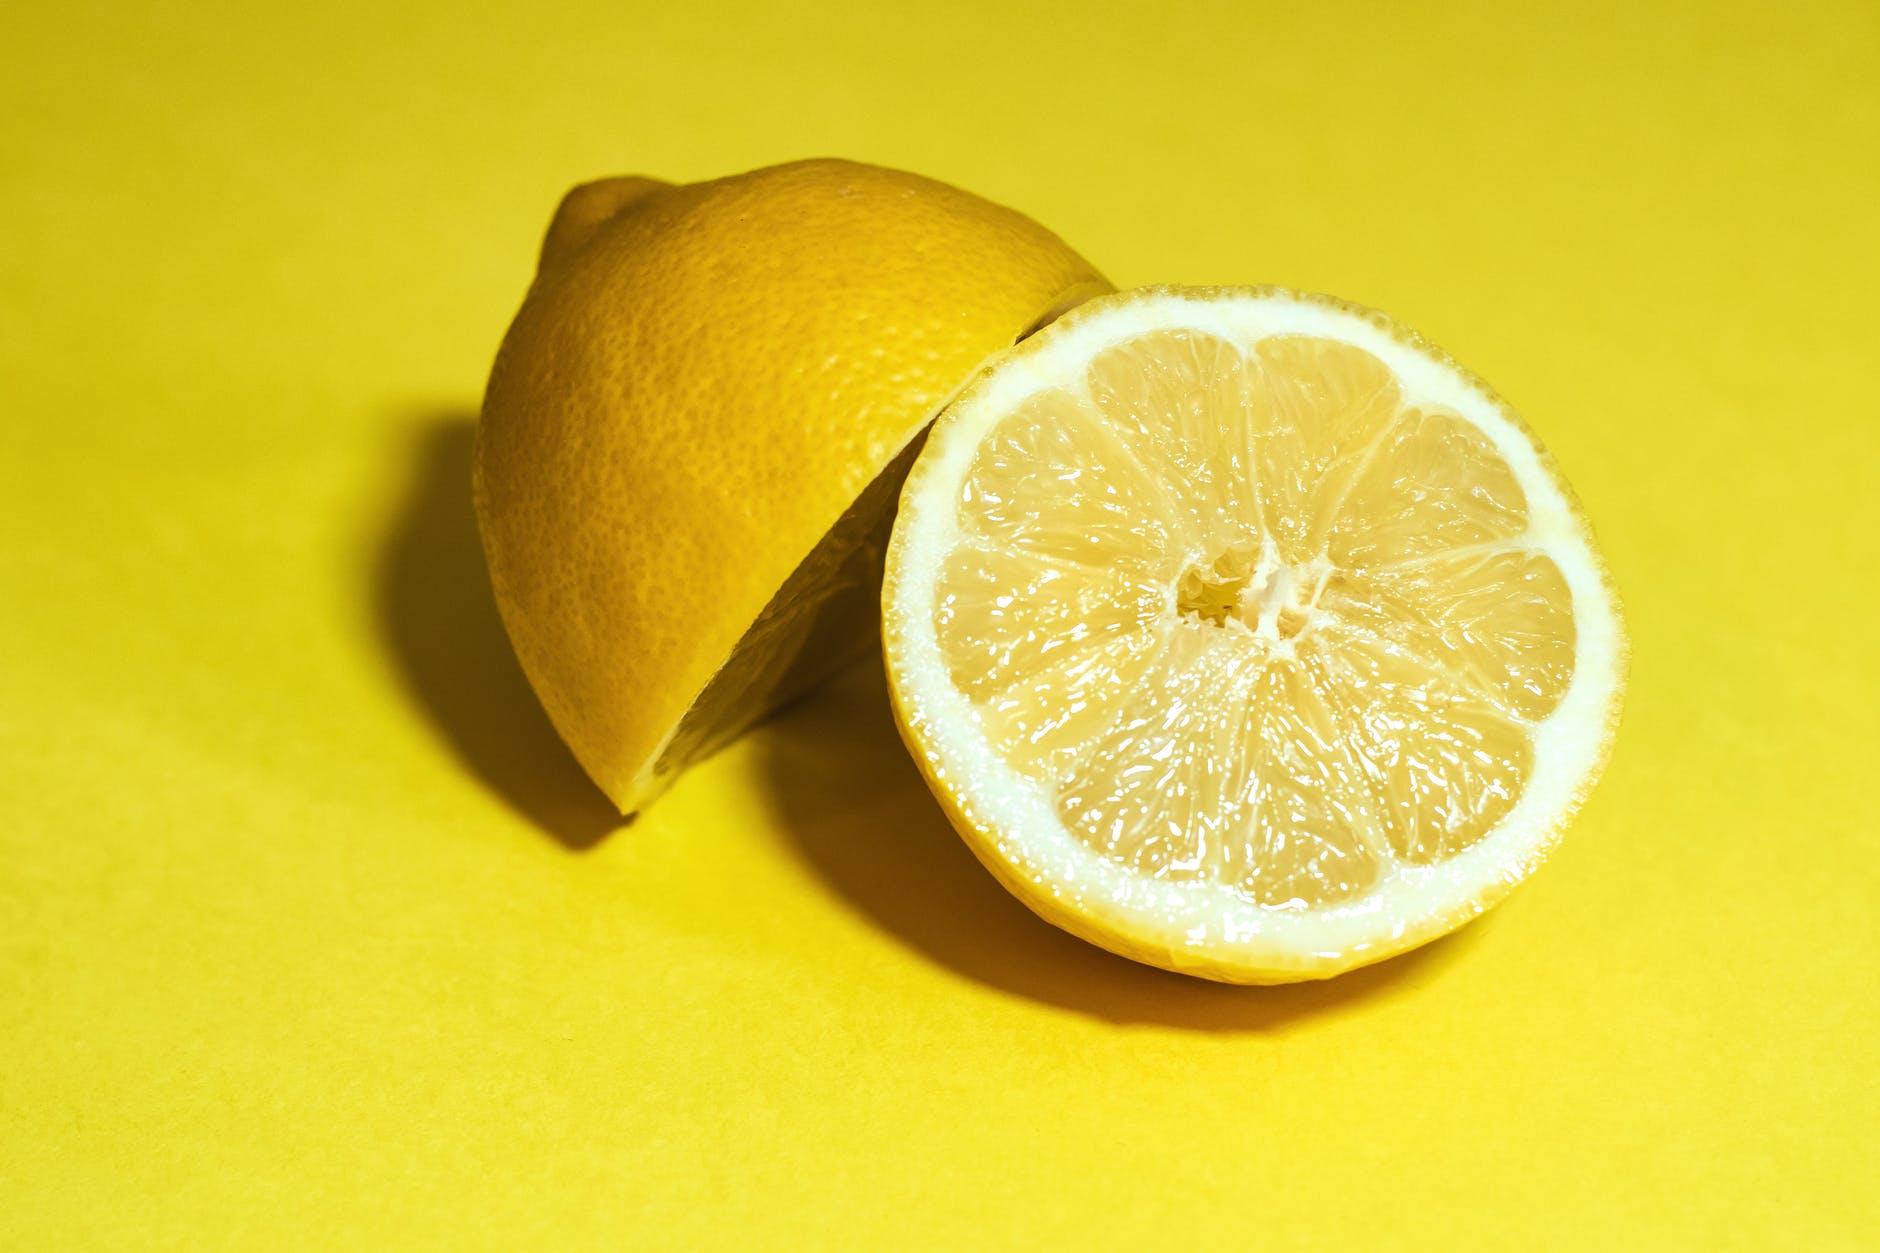 Vijf dingen die je met citroen kunt doen